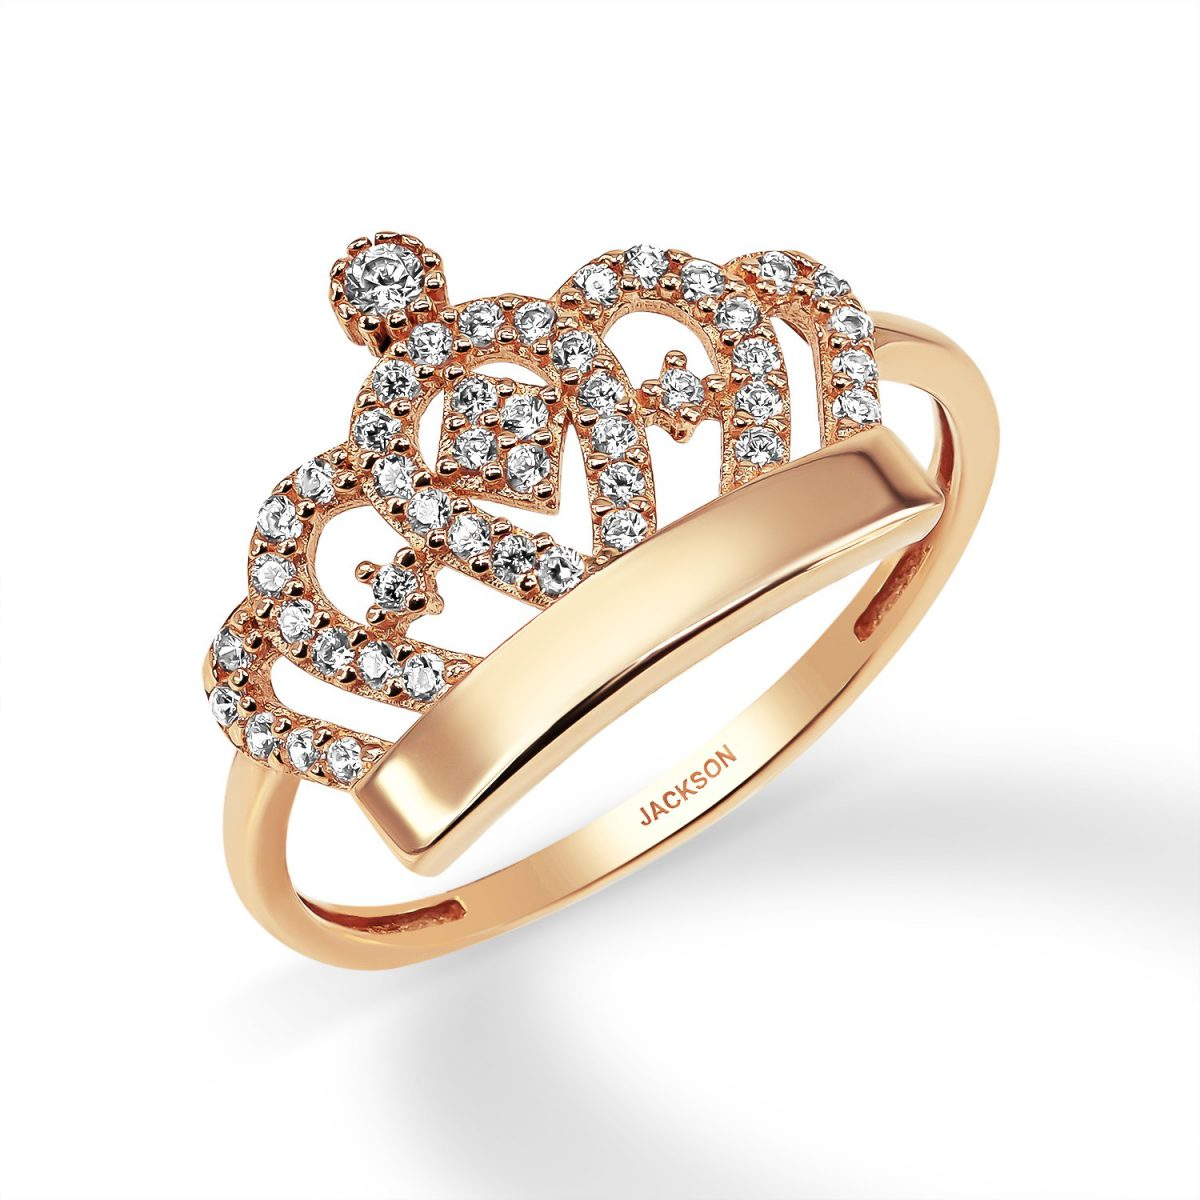 טבעת זרקונים - כתר - זהב אדום